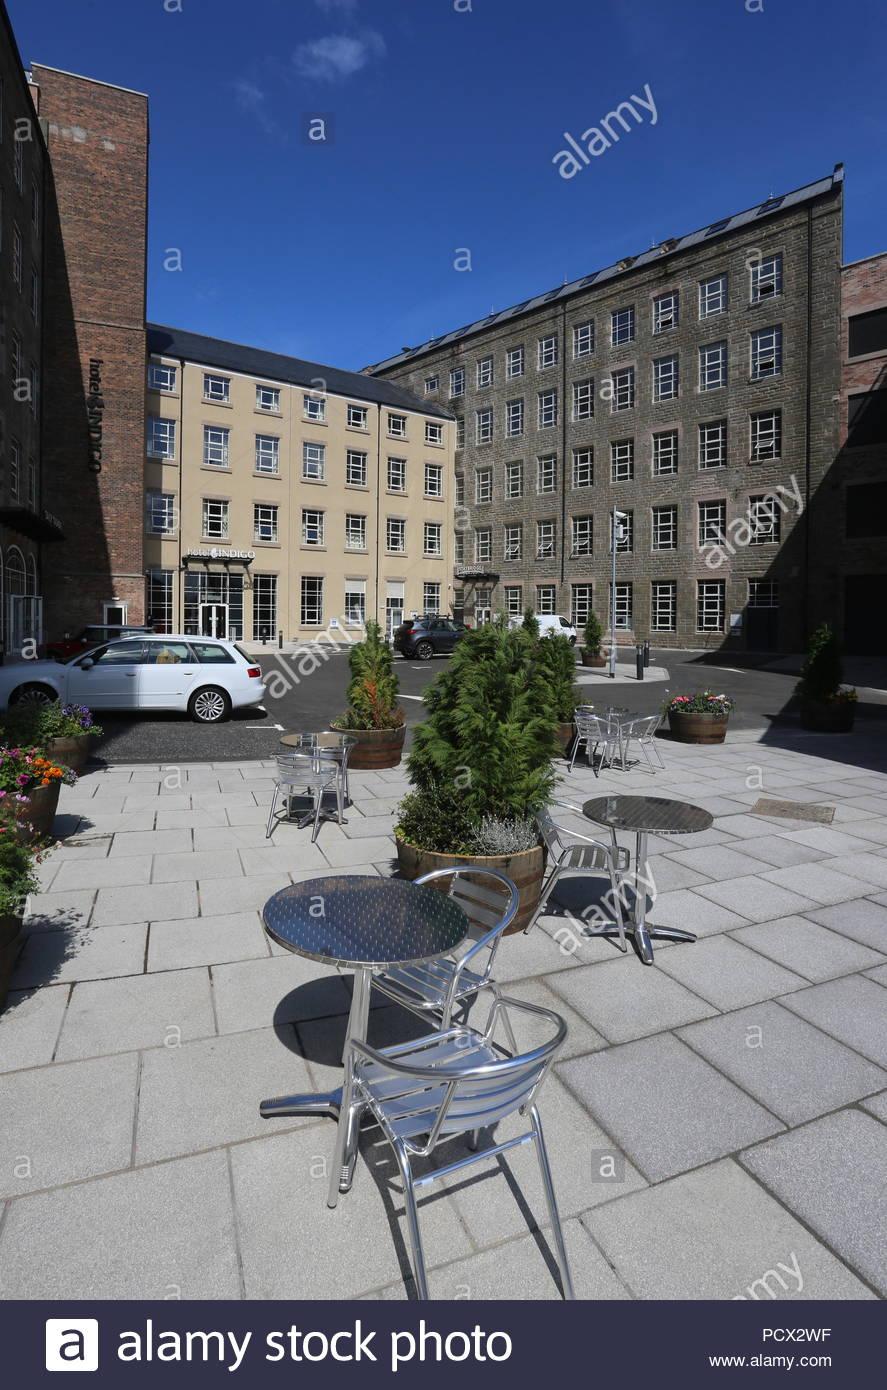 Courtyard at Hotel Indigo Dundee Scotland  July 2018 - Stock Image